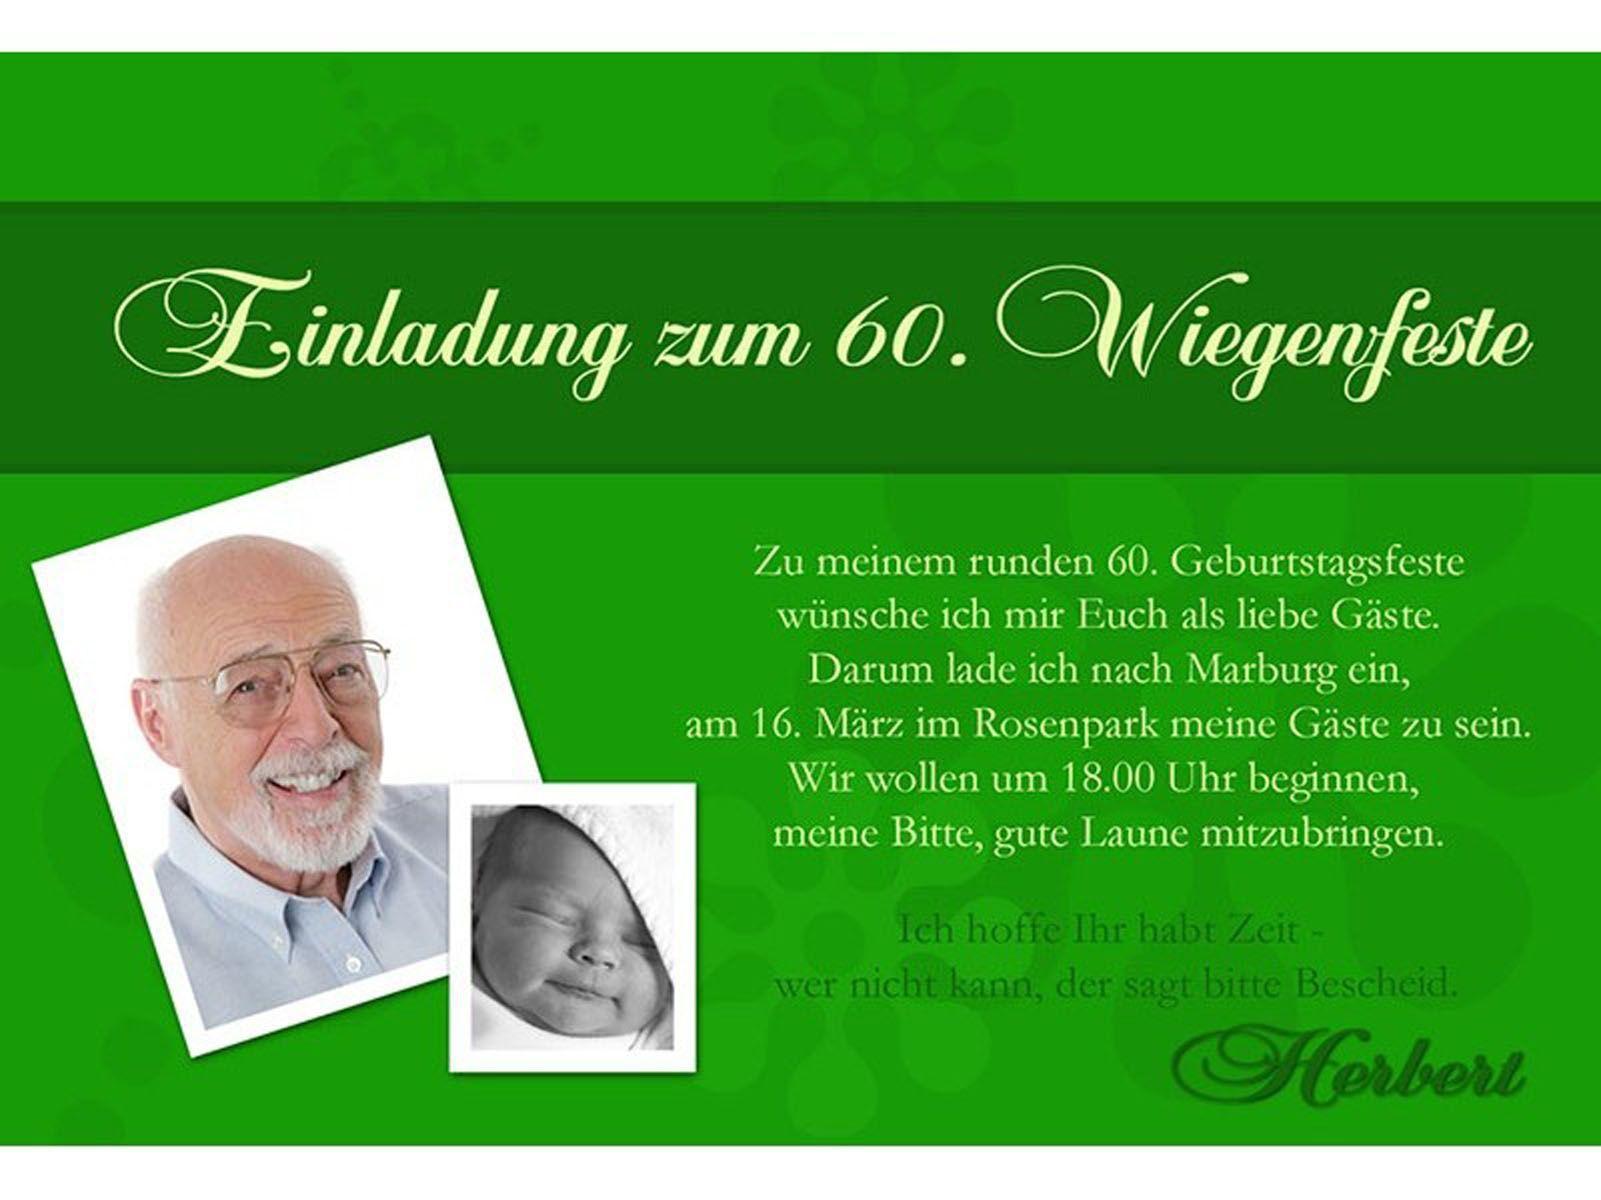 Einladungskarte Zum 60 Geburtstag Vorlagen